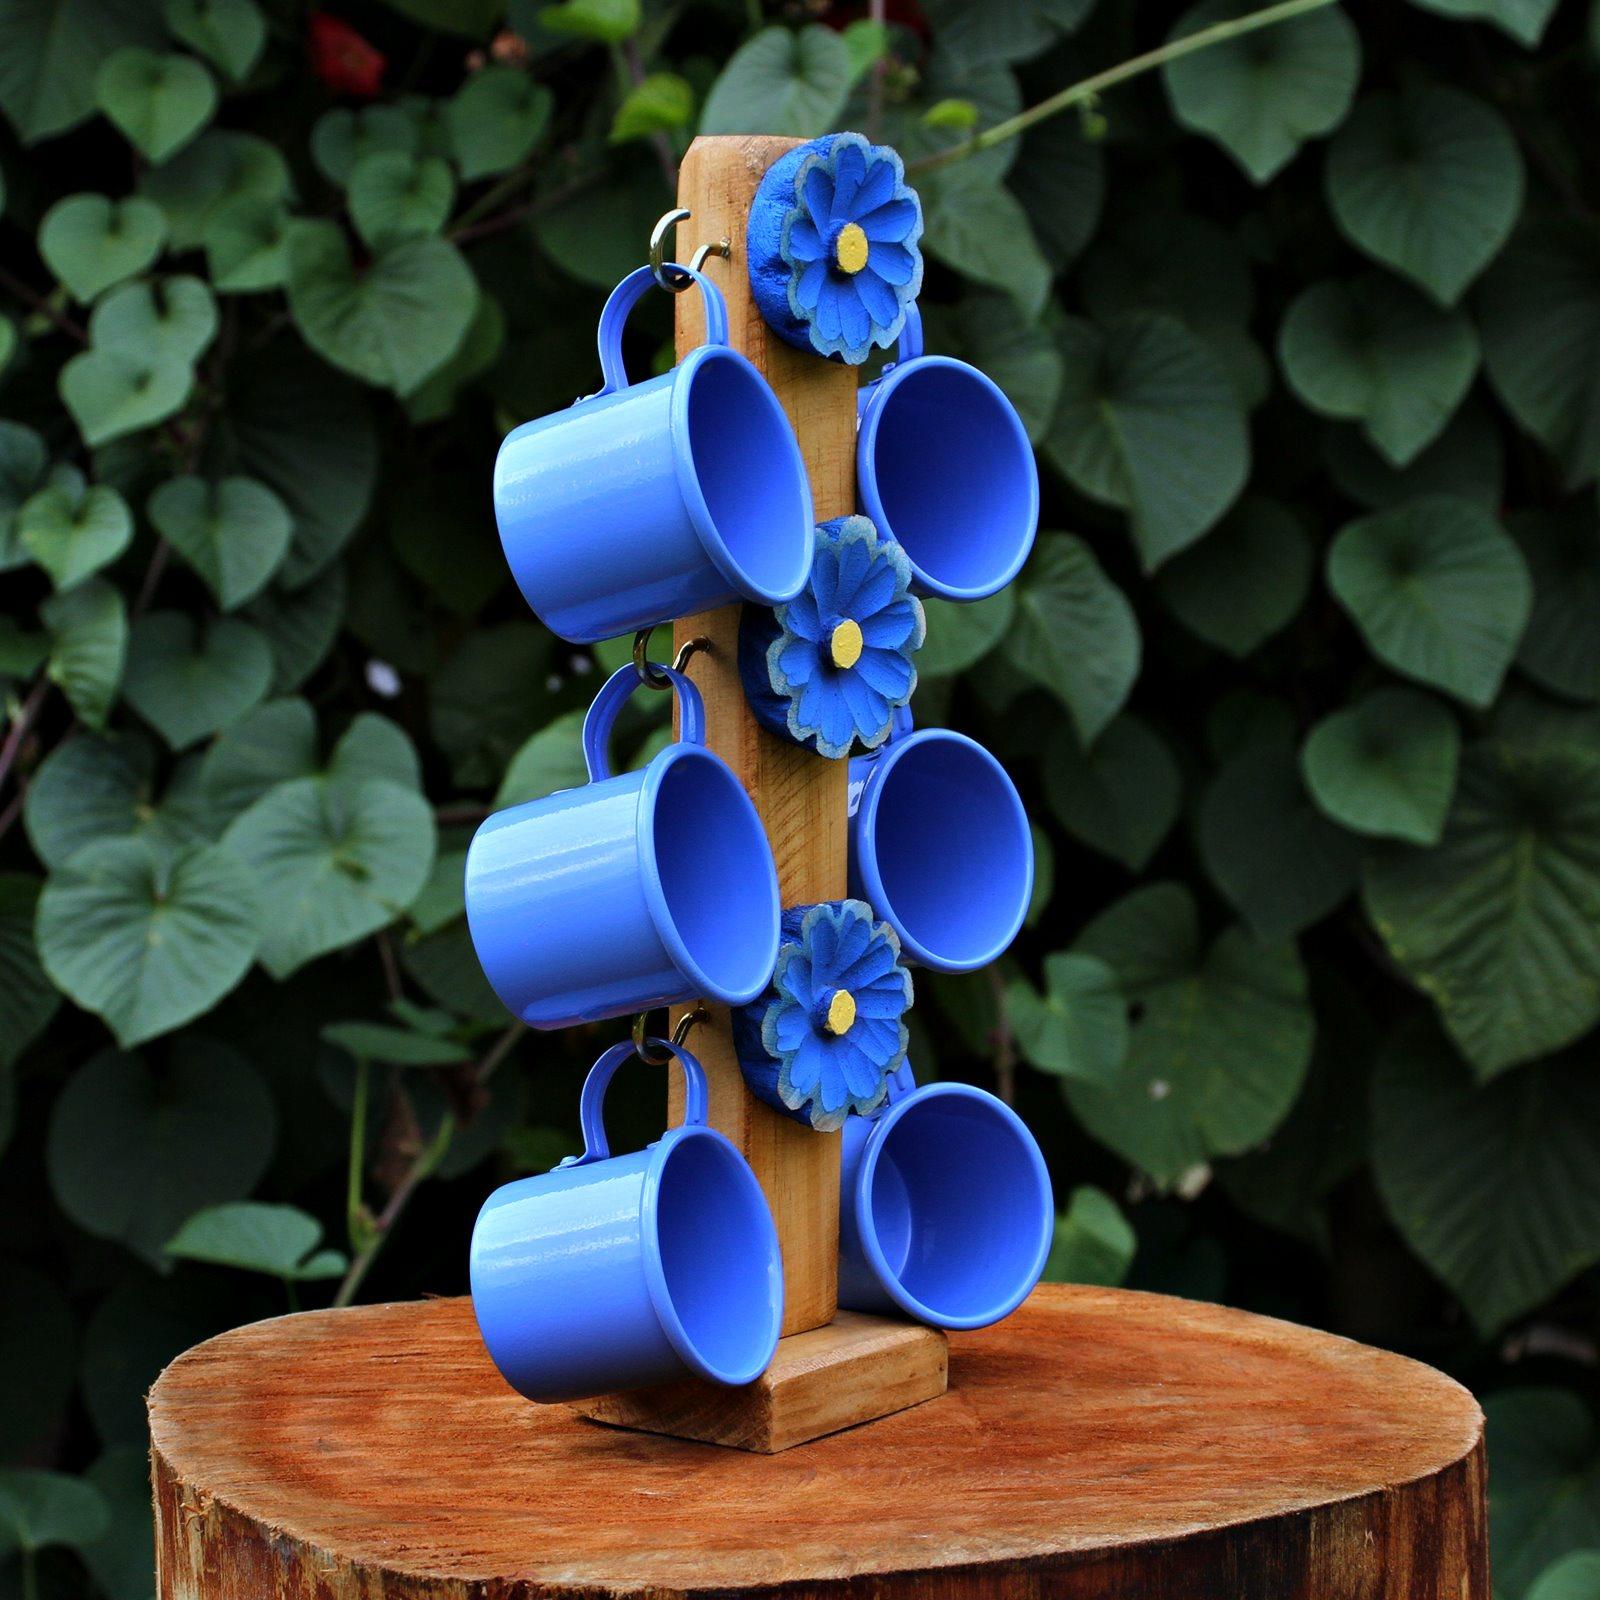 Suporte Artesanal Florido Azul c/ 6 Canecas